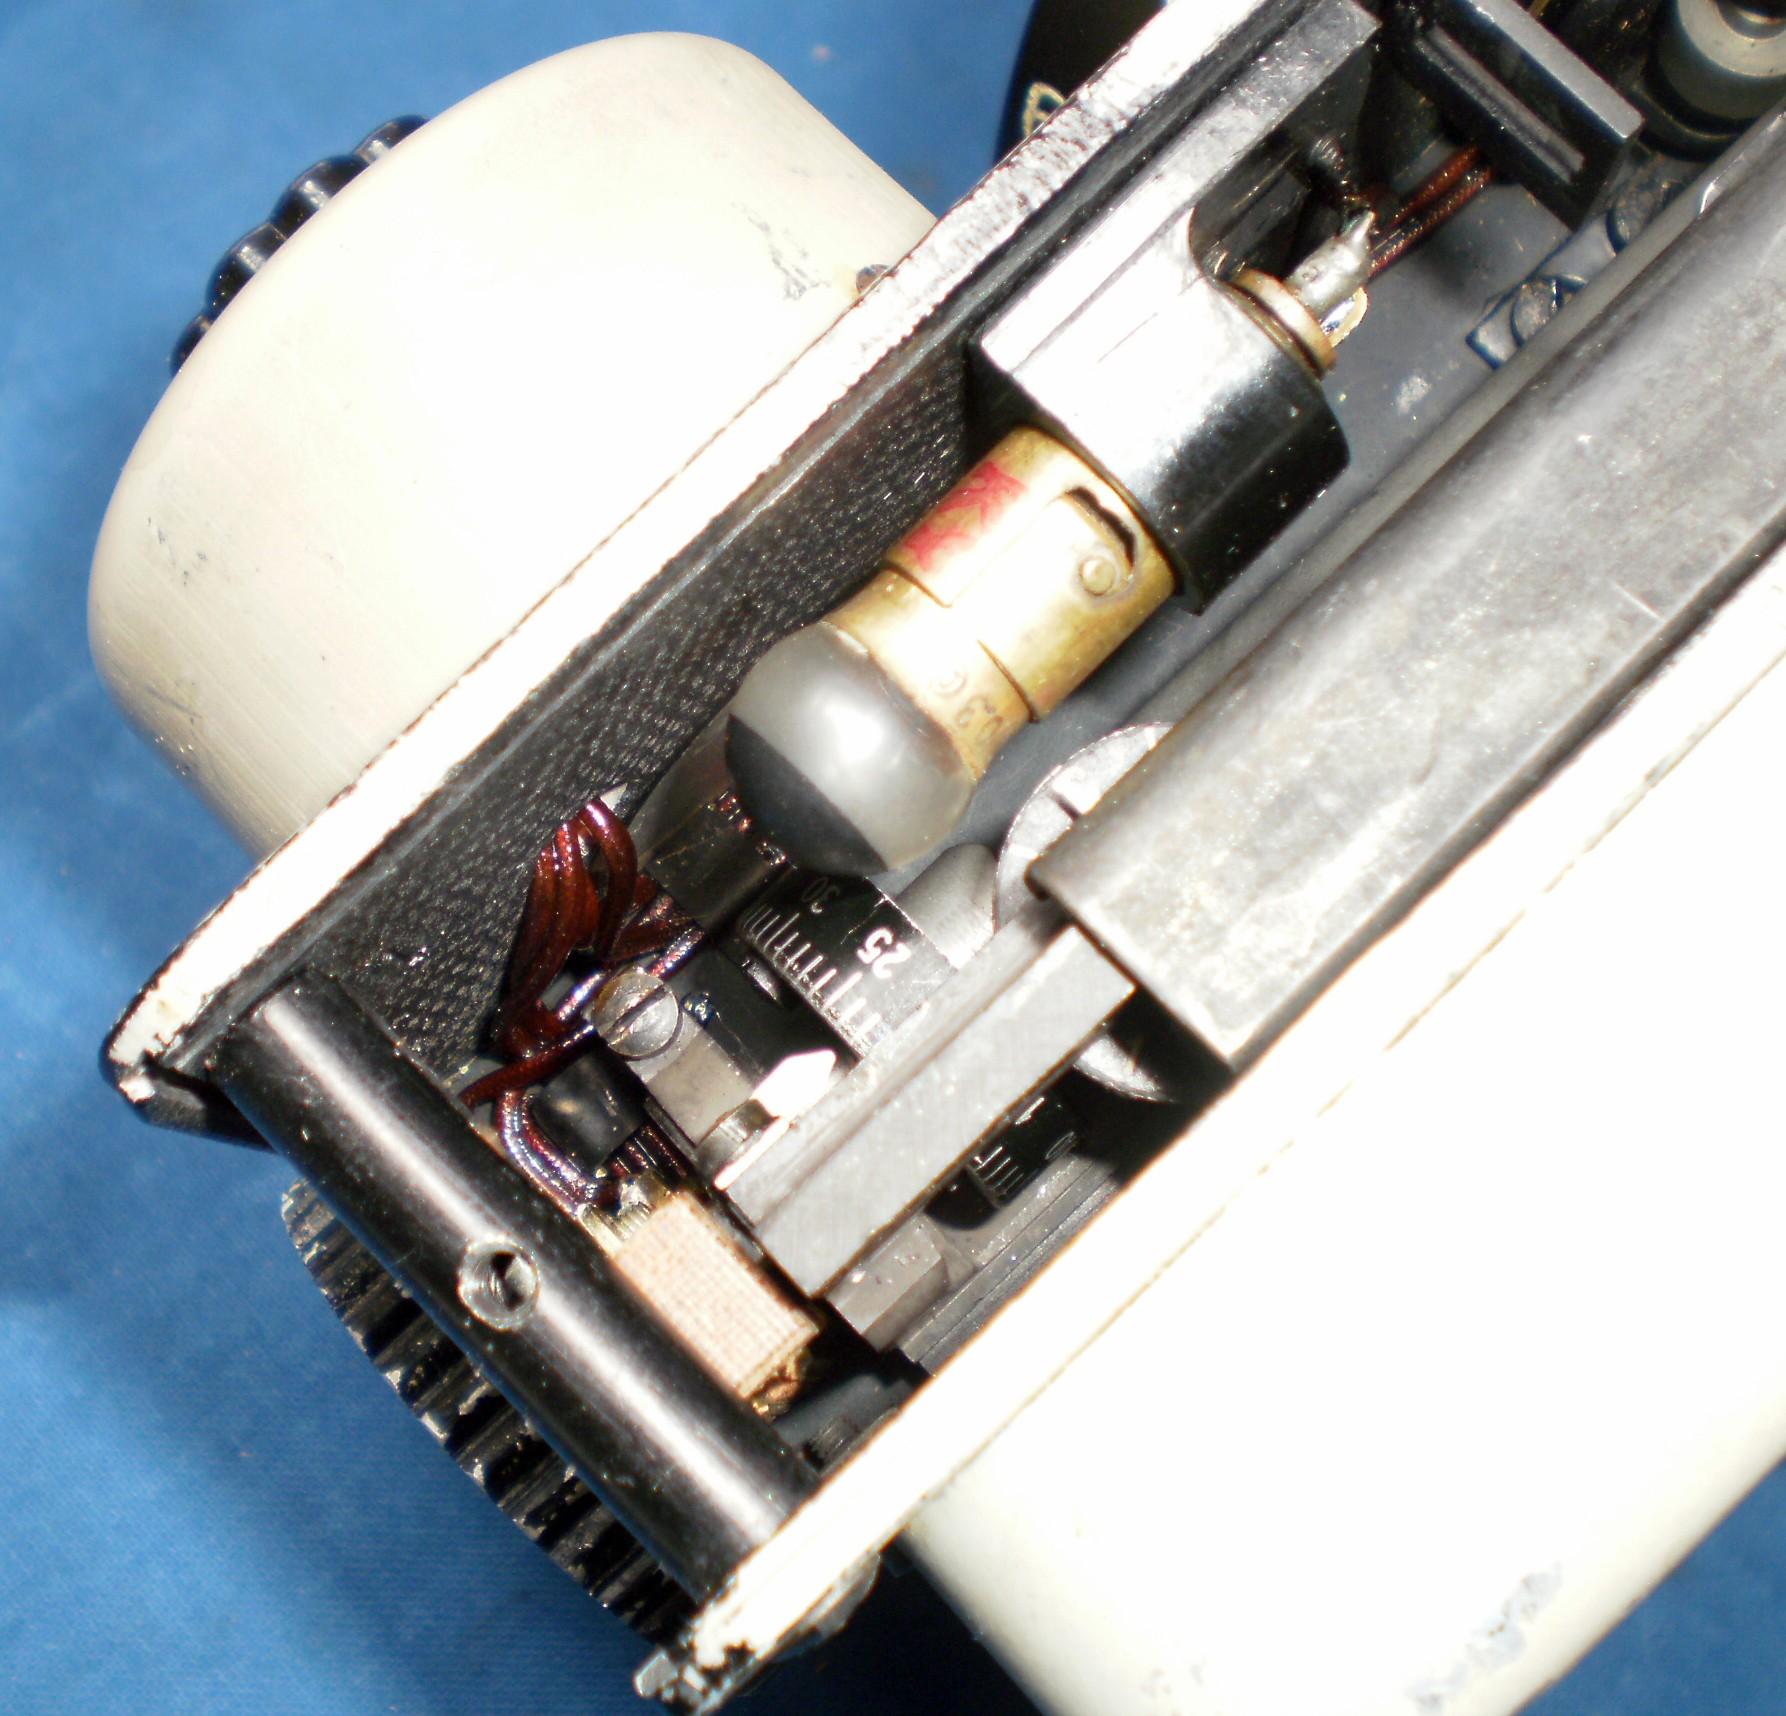 Figure 17 a: Integrator lamp